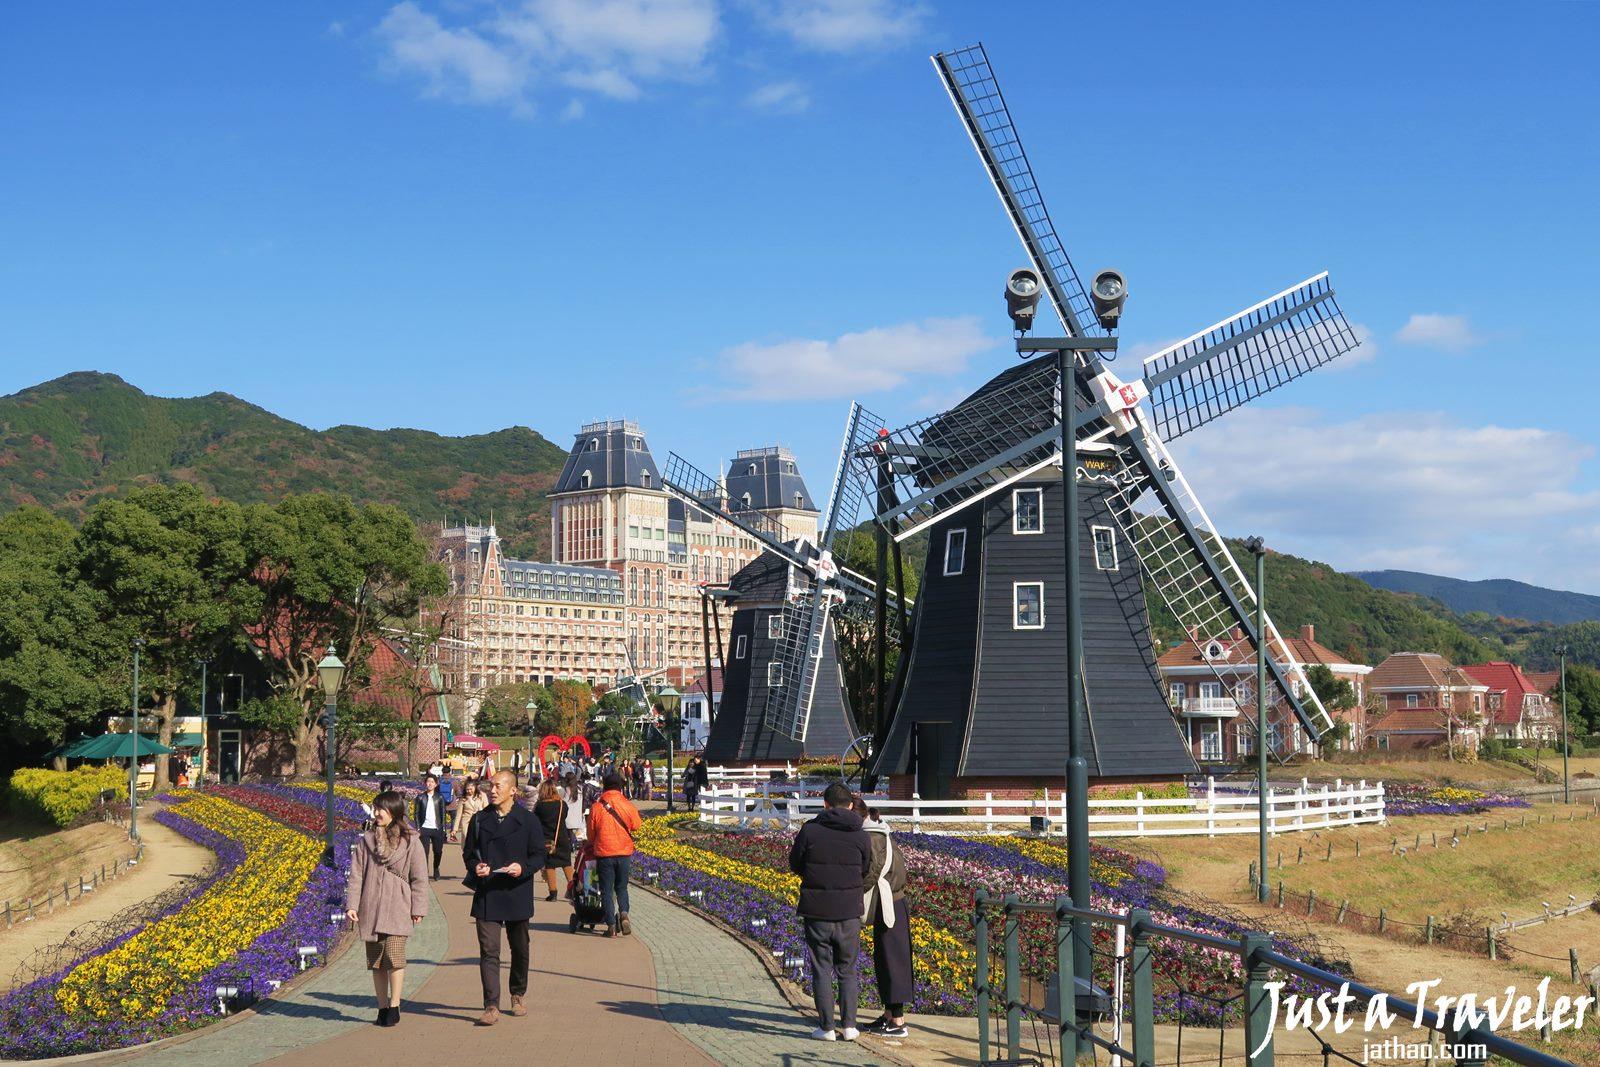 九州-長崎-景點-推薦-豪斯登堡-交通-行程-旅遊-自由行-Kyushu-Huis Ten Bosch-Travel-Japan